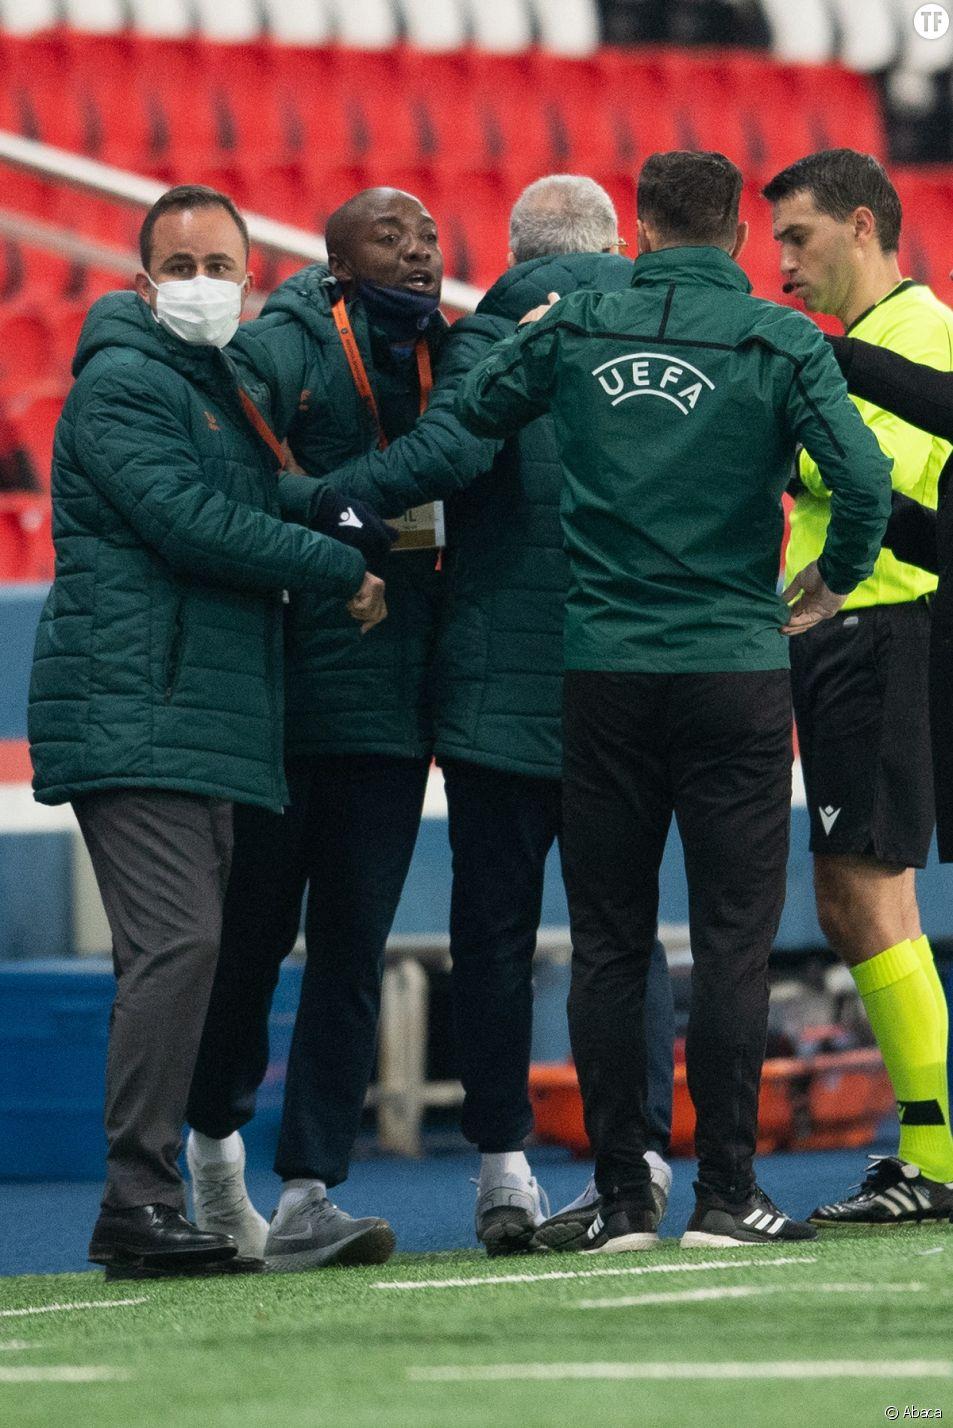 L'adjoint Pierre Webo s'indigne contre les propos racistes du quatrième arbitre lors de la rencontre PSG-Istanbul Başakşehir du 8 décembre 2020.